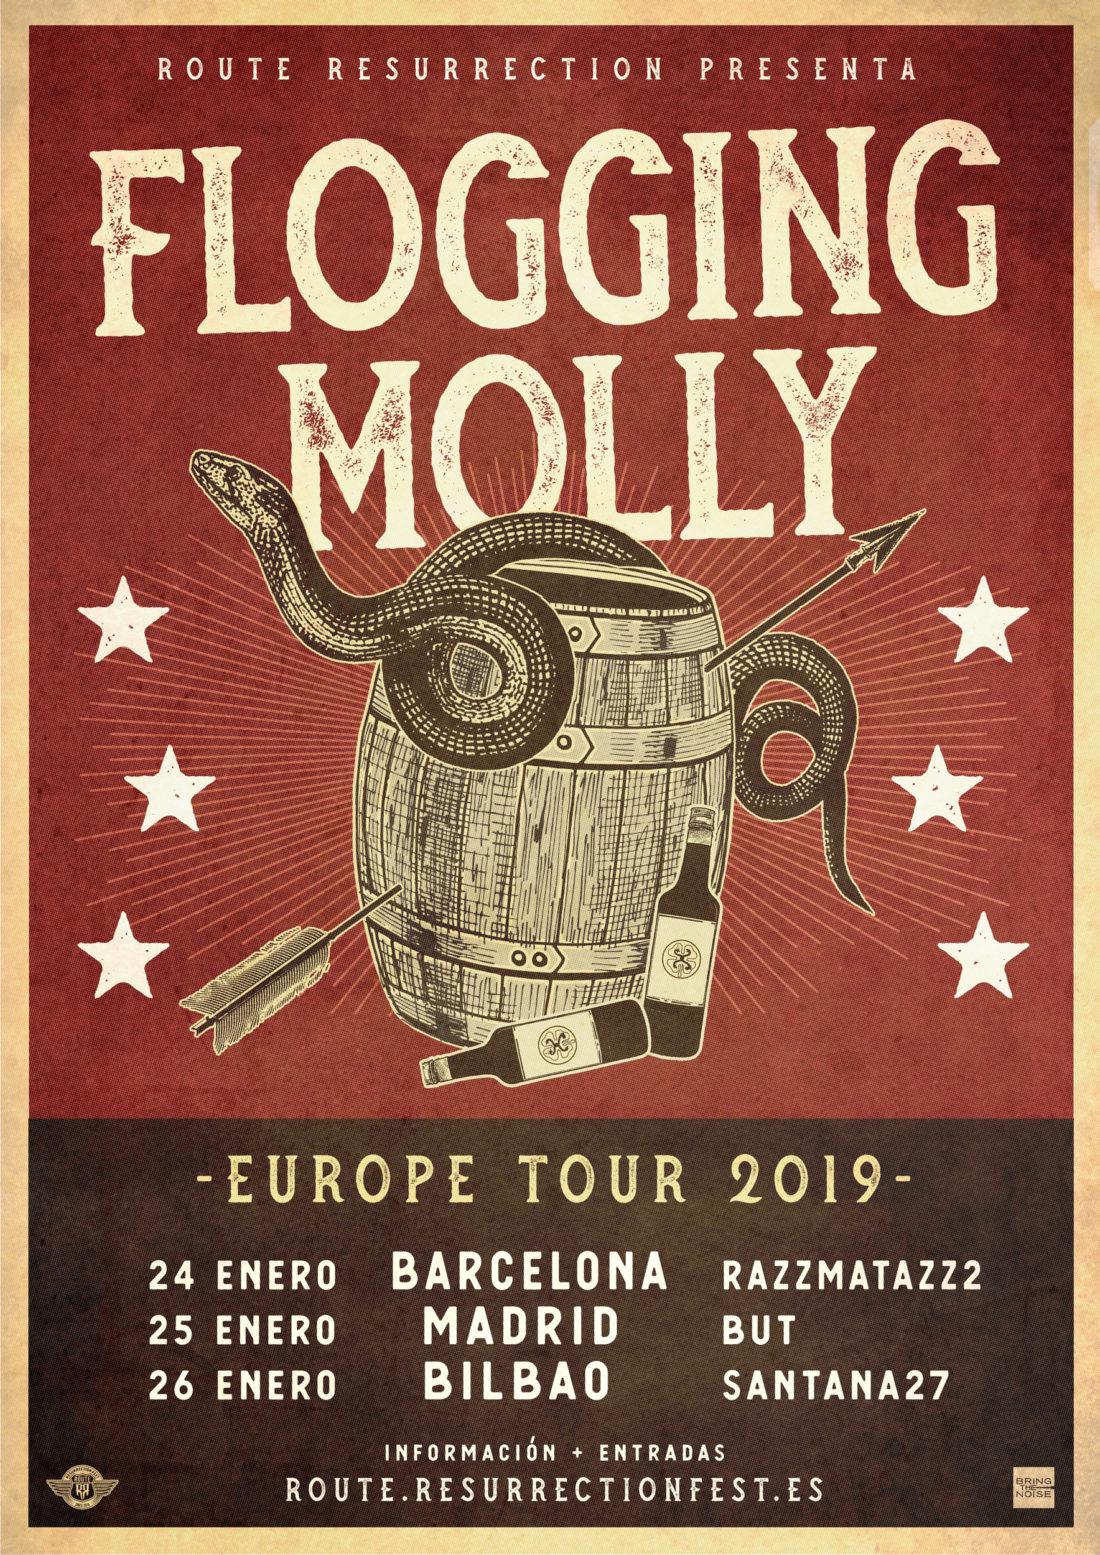 Nueva gira Route Resurrection: Flogging Molly